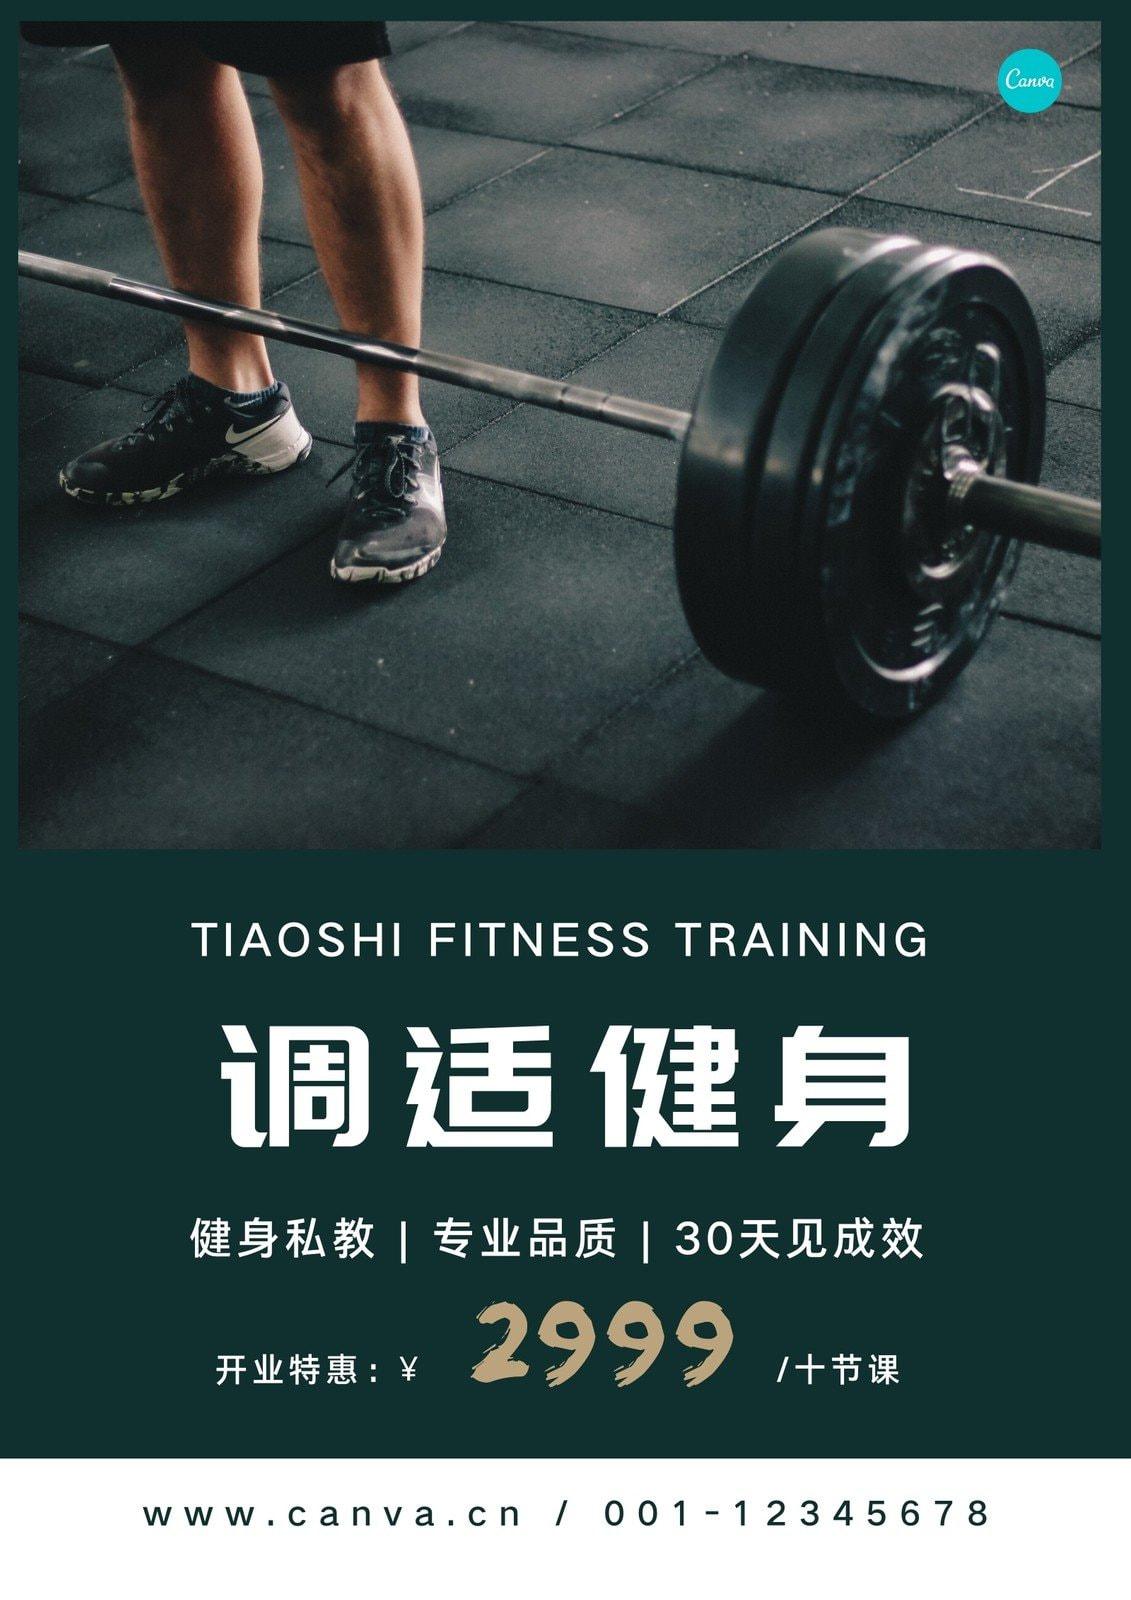 绿色边框私教健身活动海报